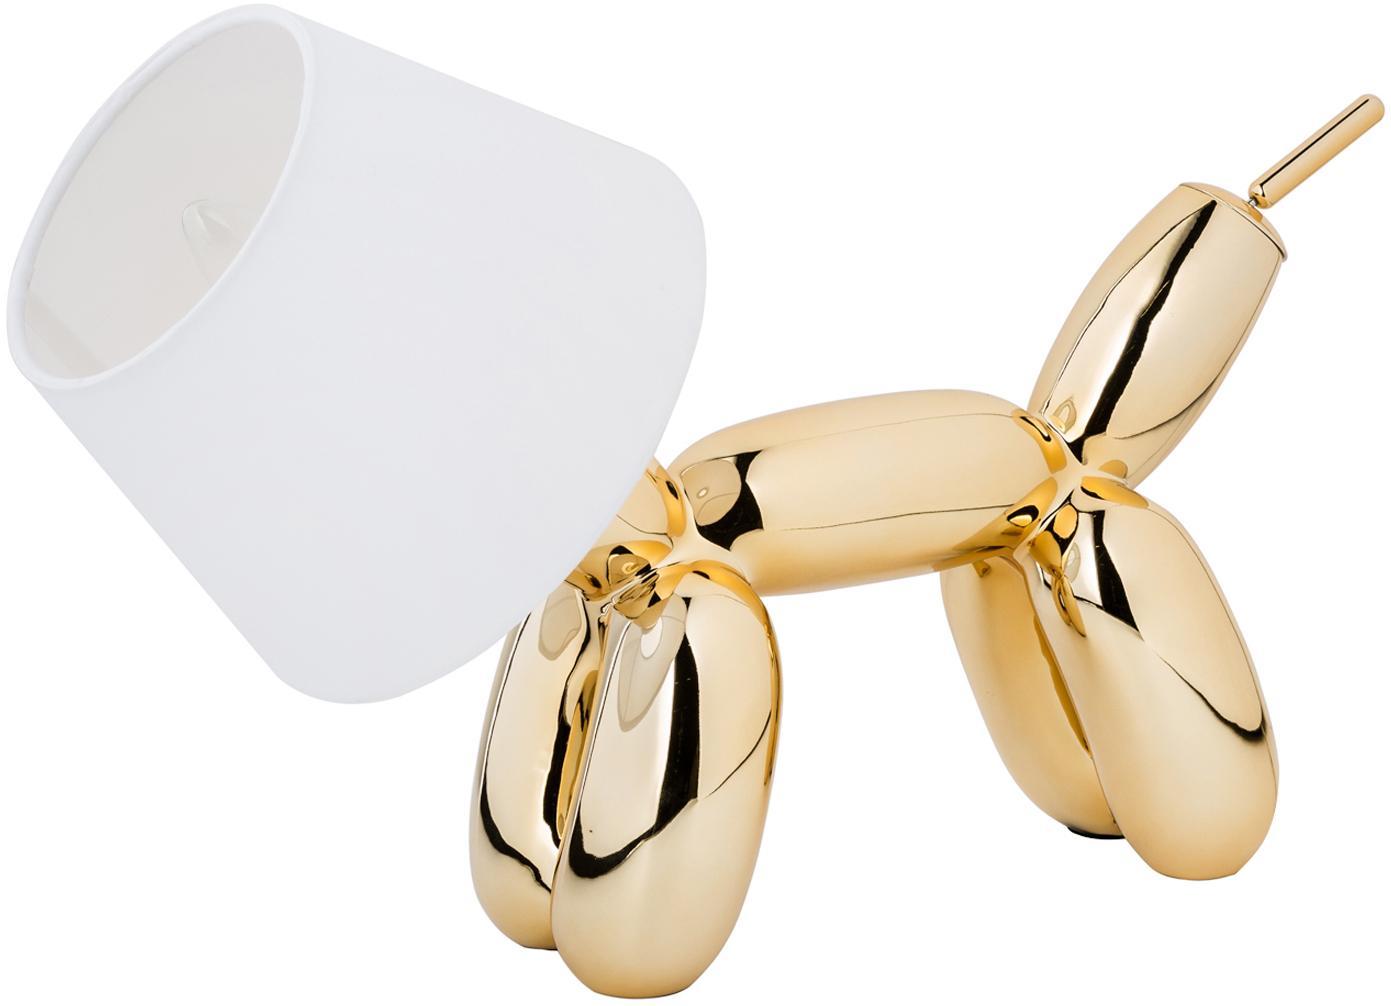 Design-Tischlampe Doggy, Lampenfuß: Kunstharz, Goldfarben, Weiß, 40 x 30 cm